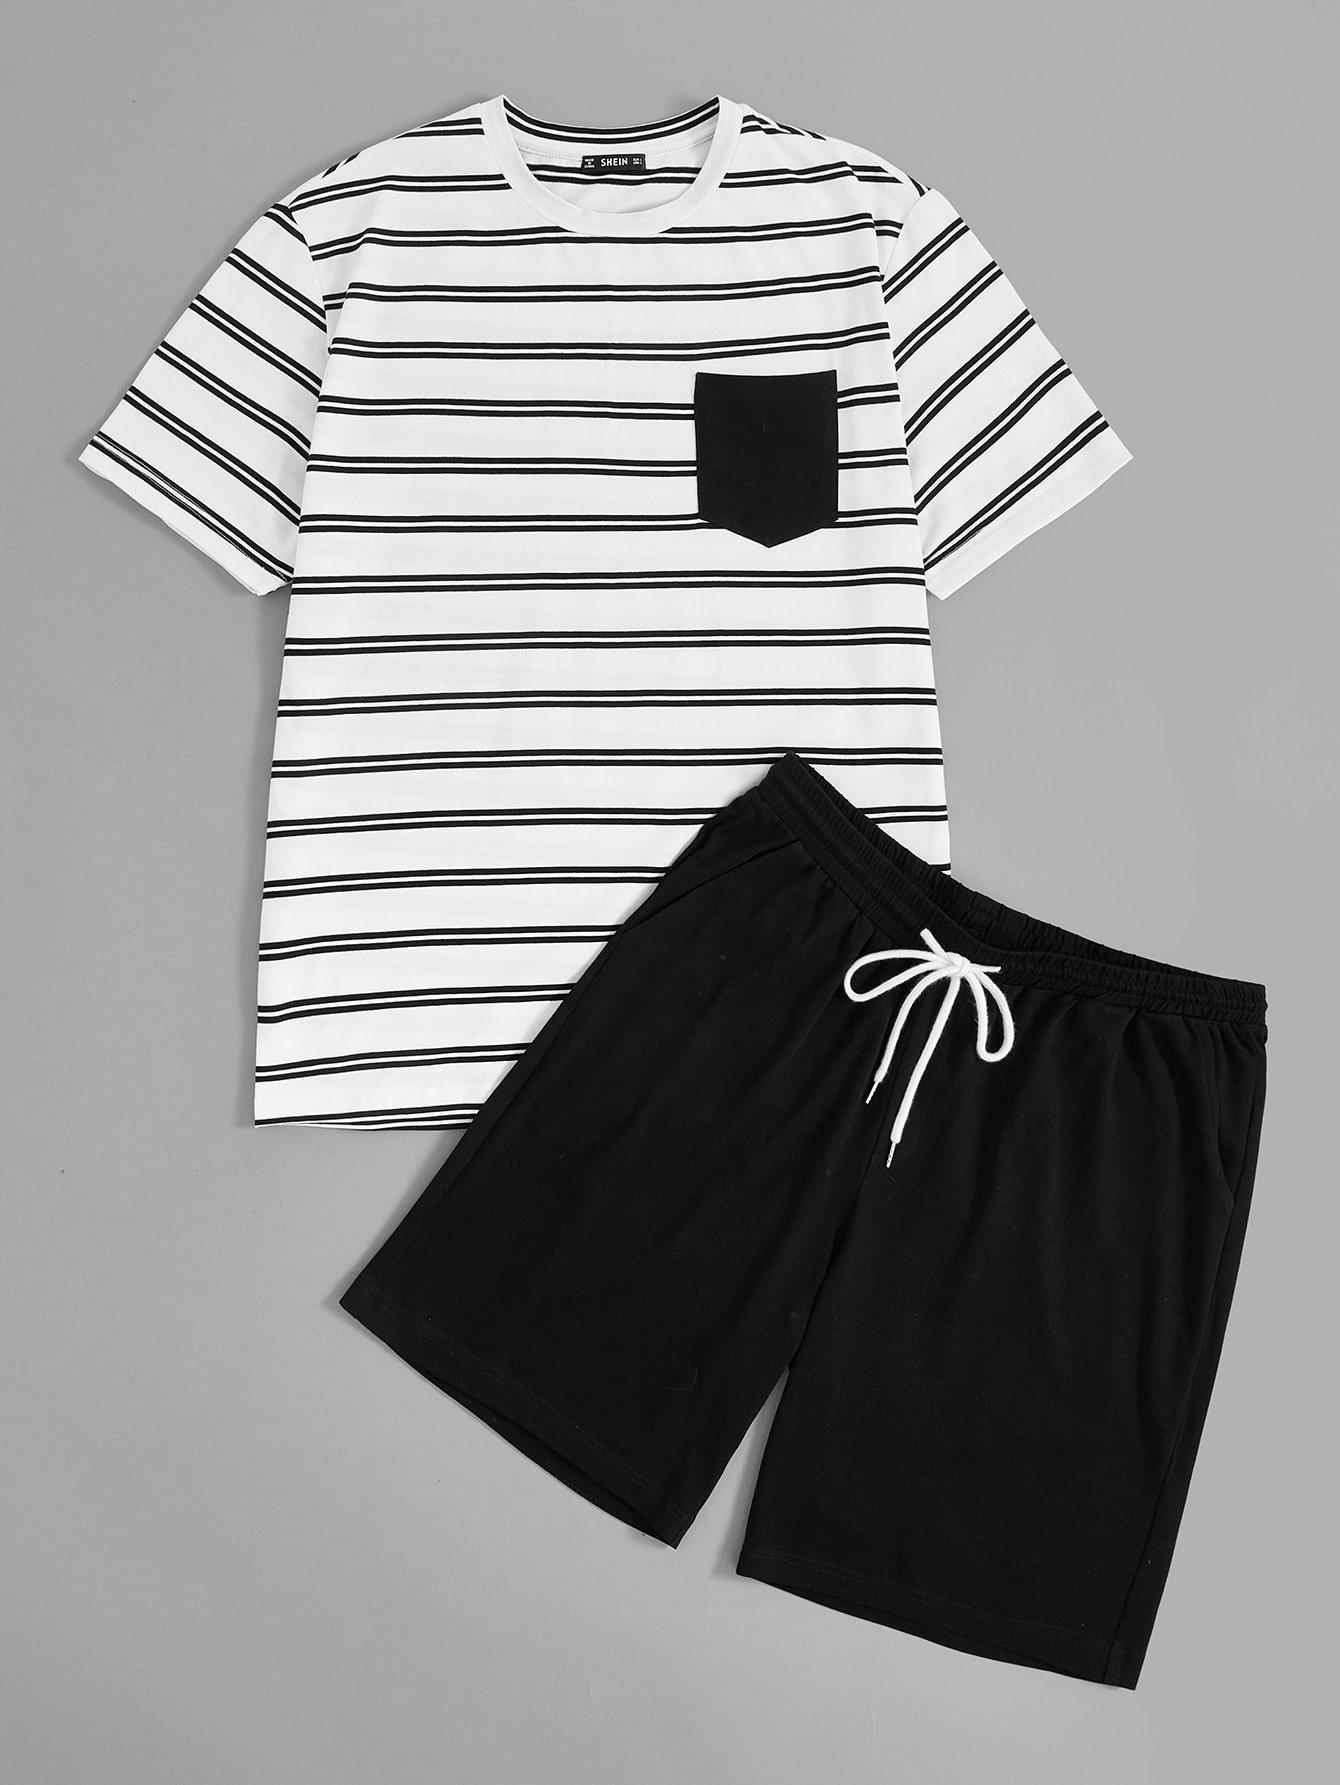 Купить Мужская полосатая футболка с карманом и шорты с кулиской пижама комплект, null, SheIn